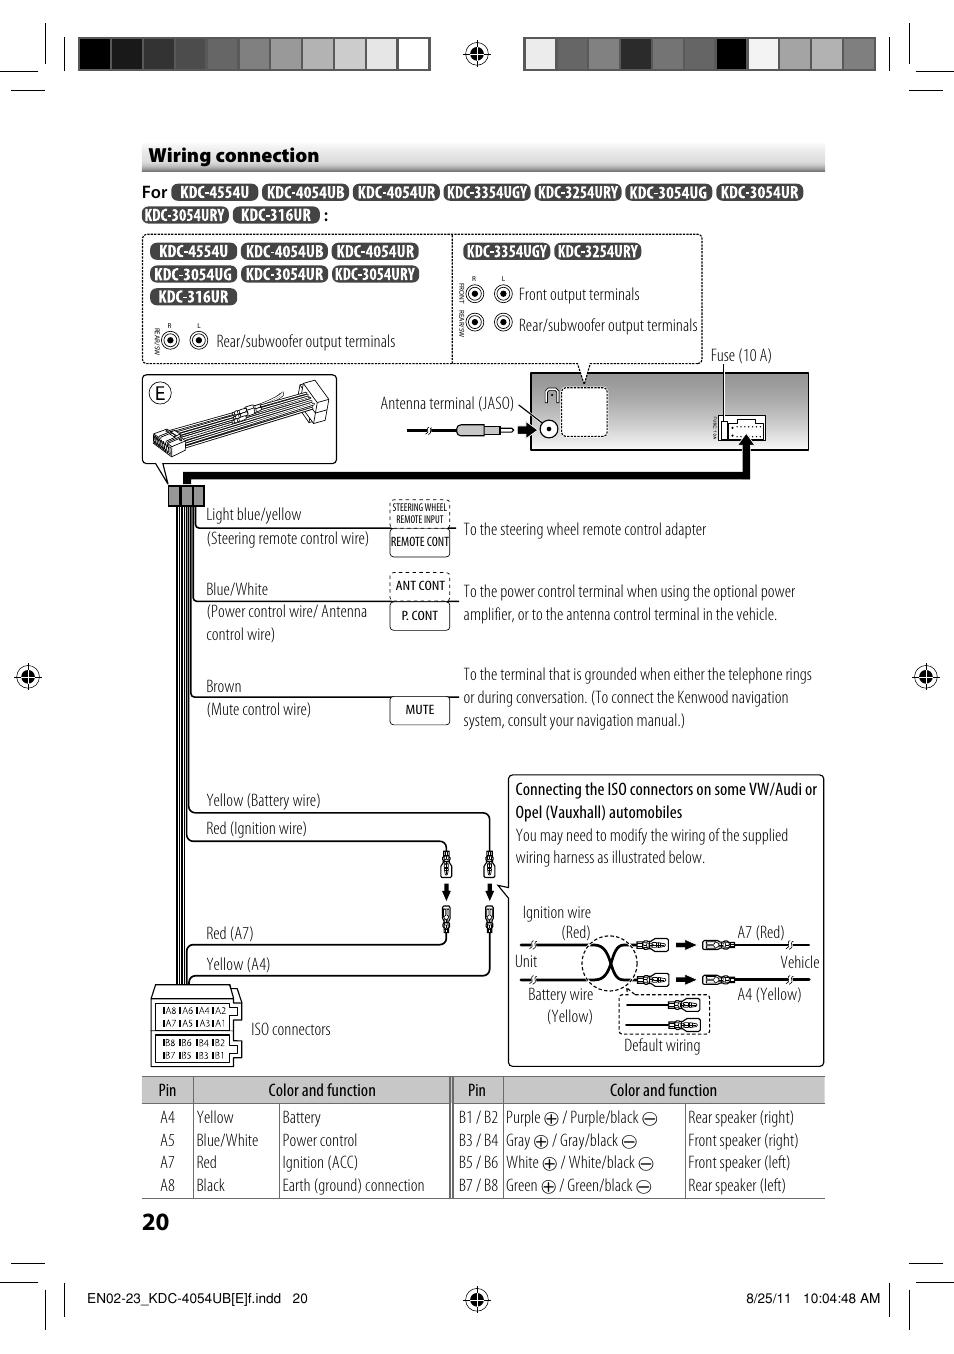 kenwood kdc mp205 wiring diagram. Black Bedroom Furniture Sets. Home Design Ideas